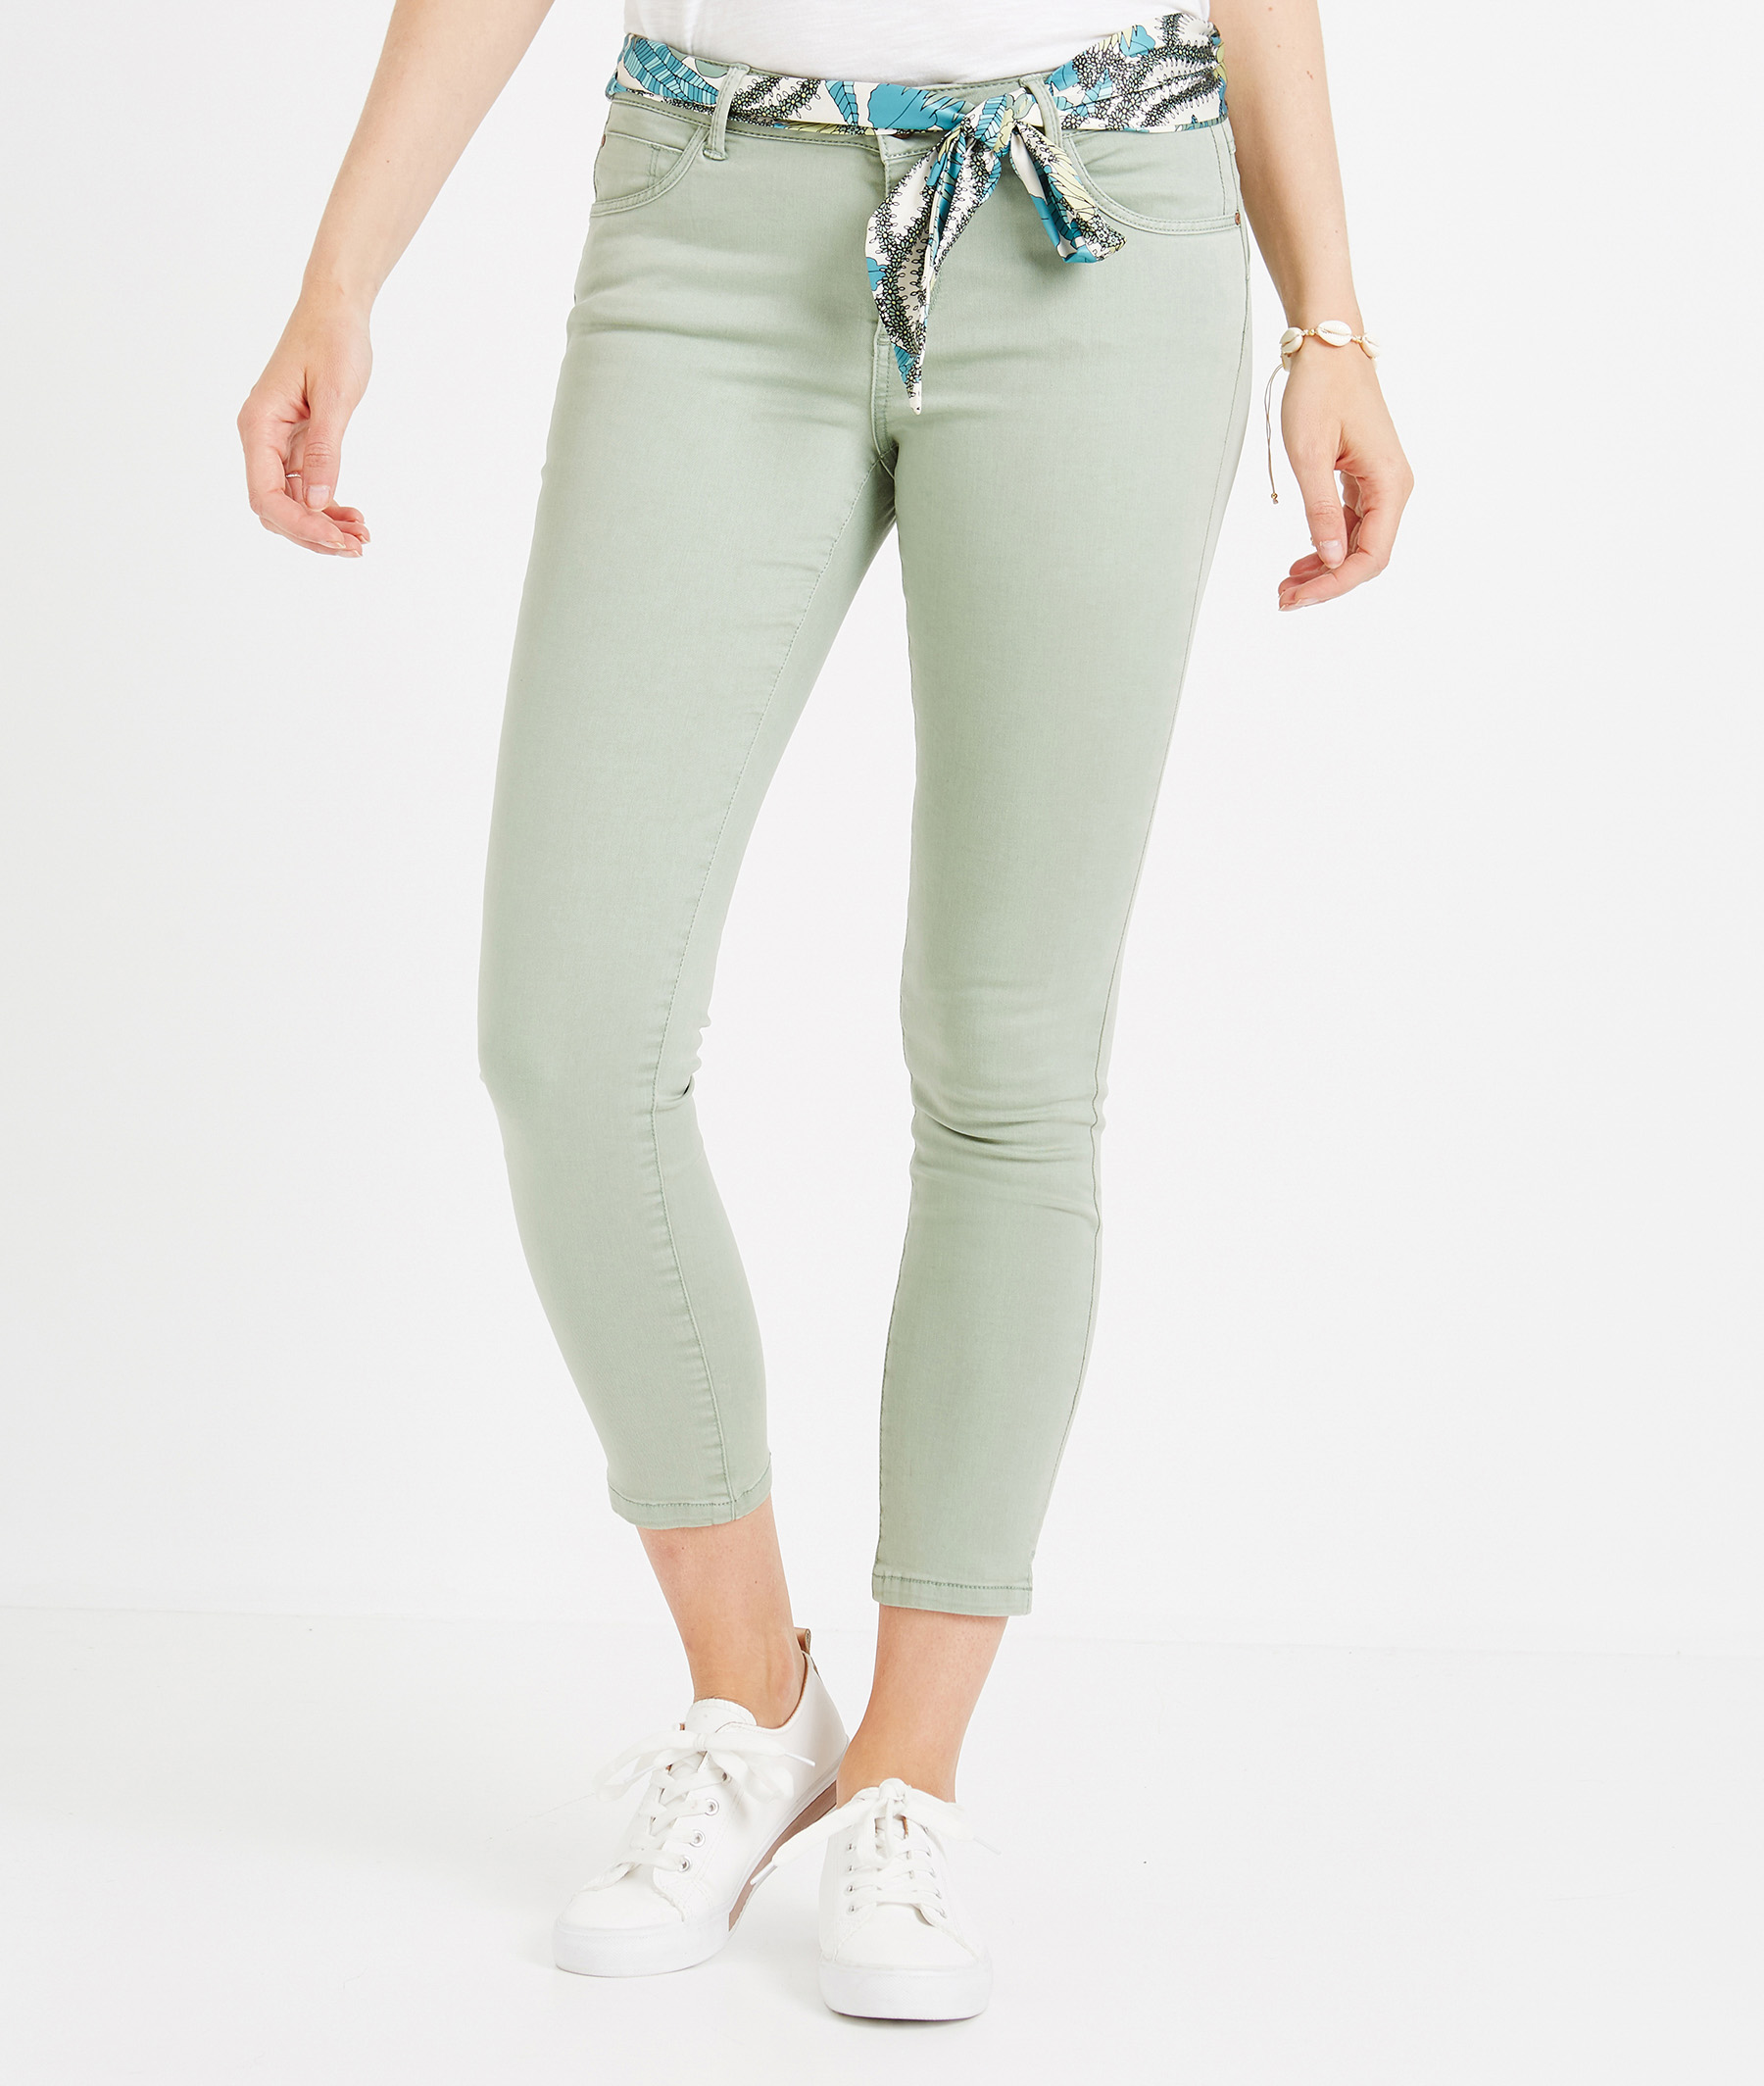 Pantalon 7/8ème de couleur avec ceinture EUCALYPTUS